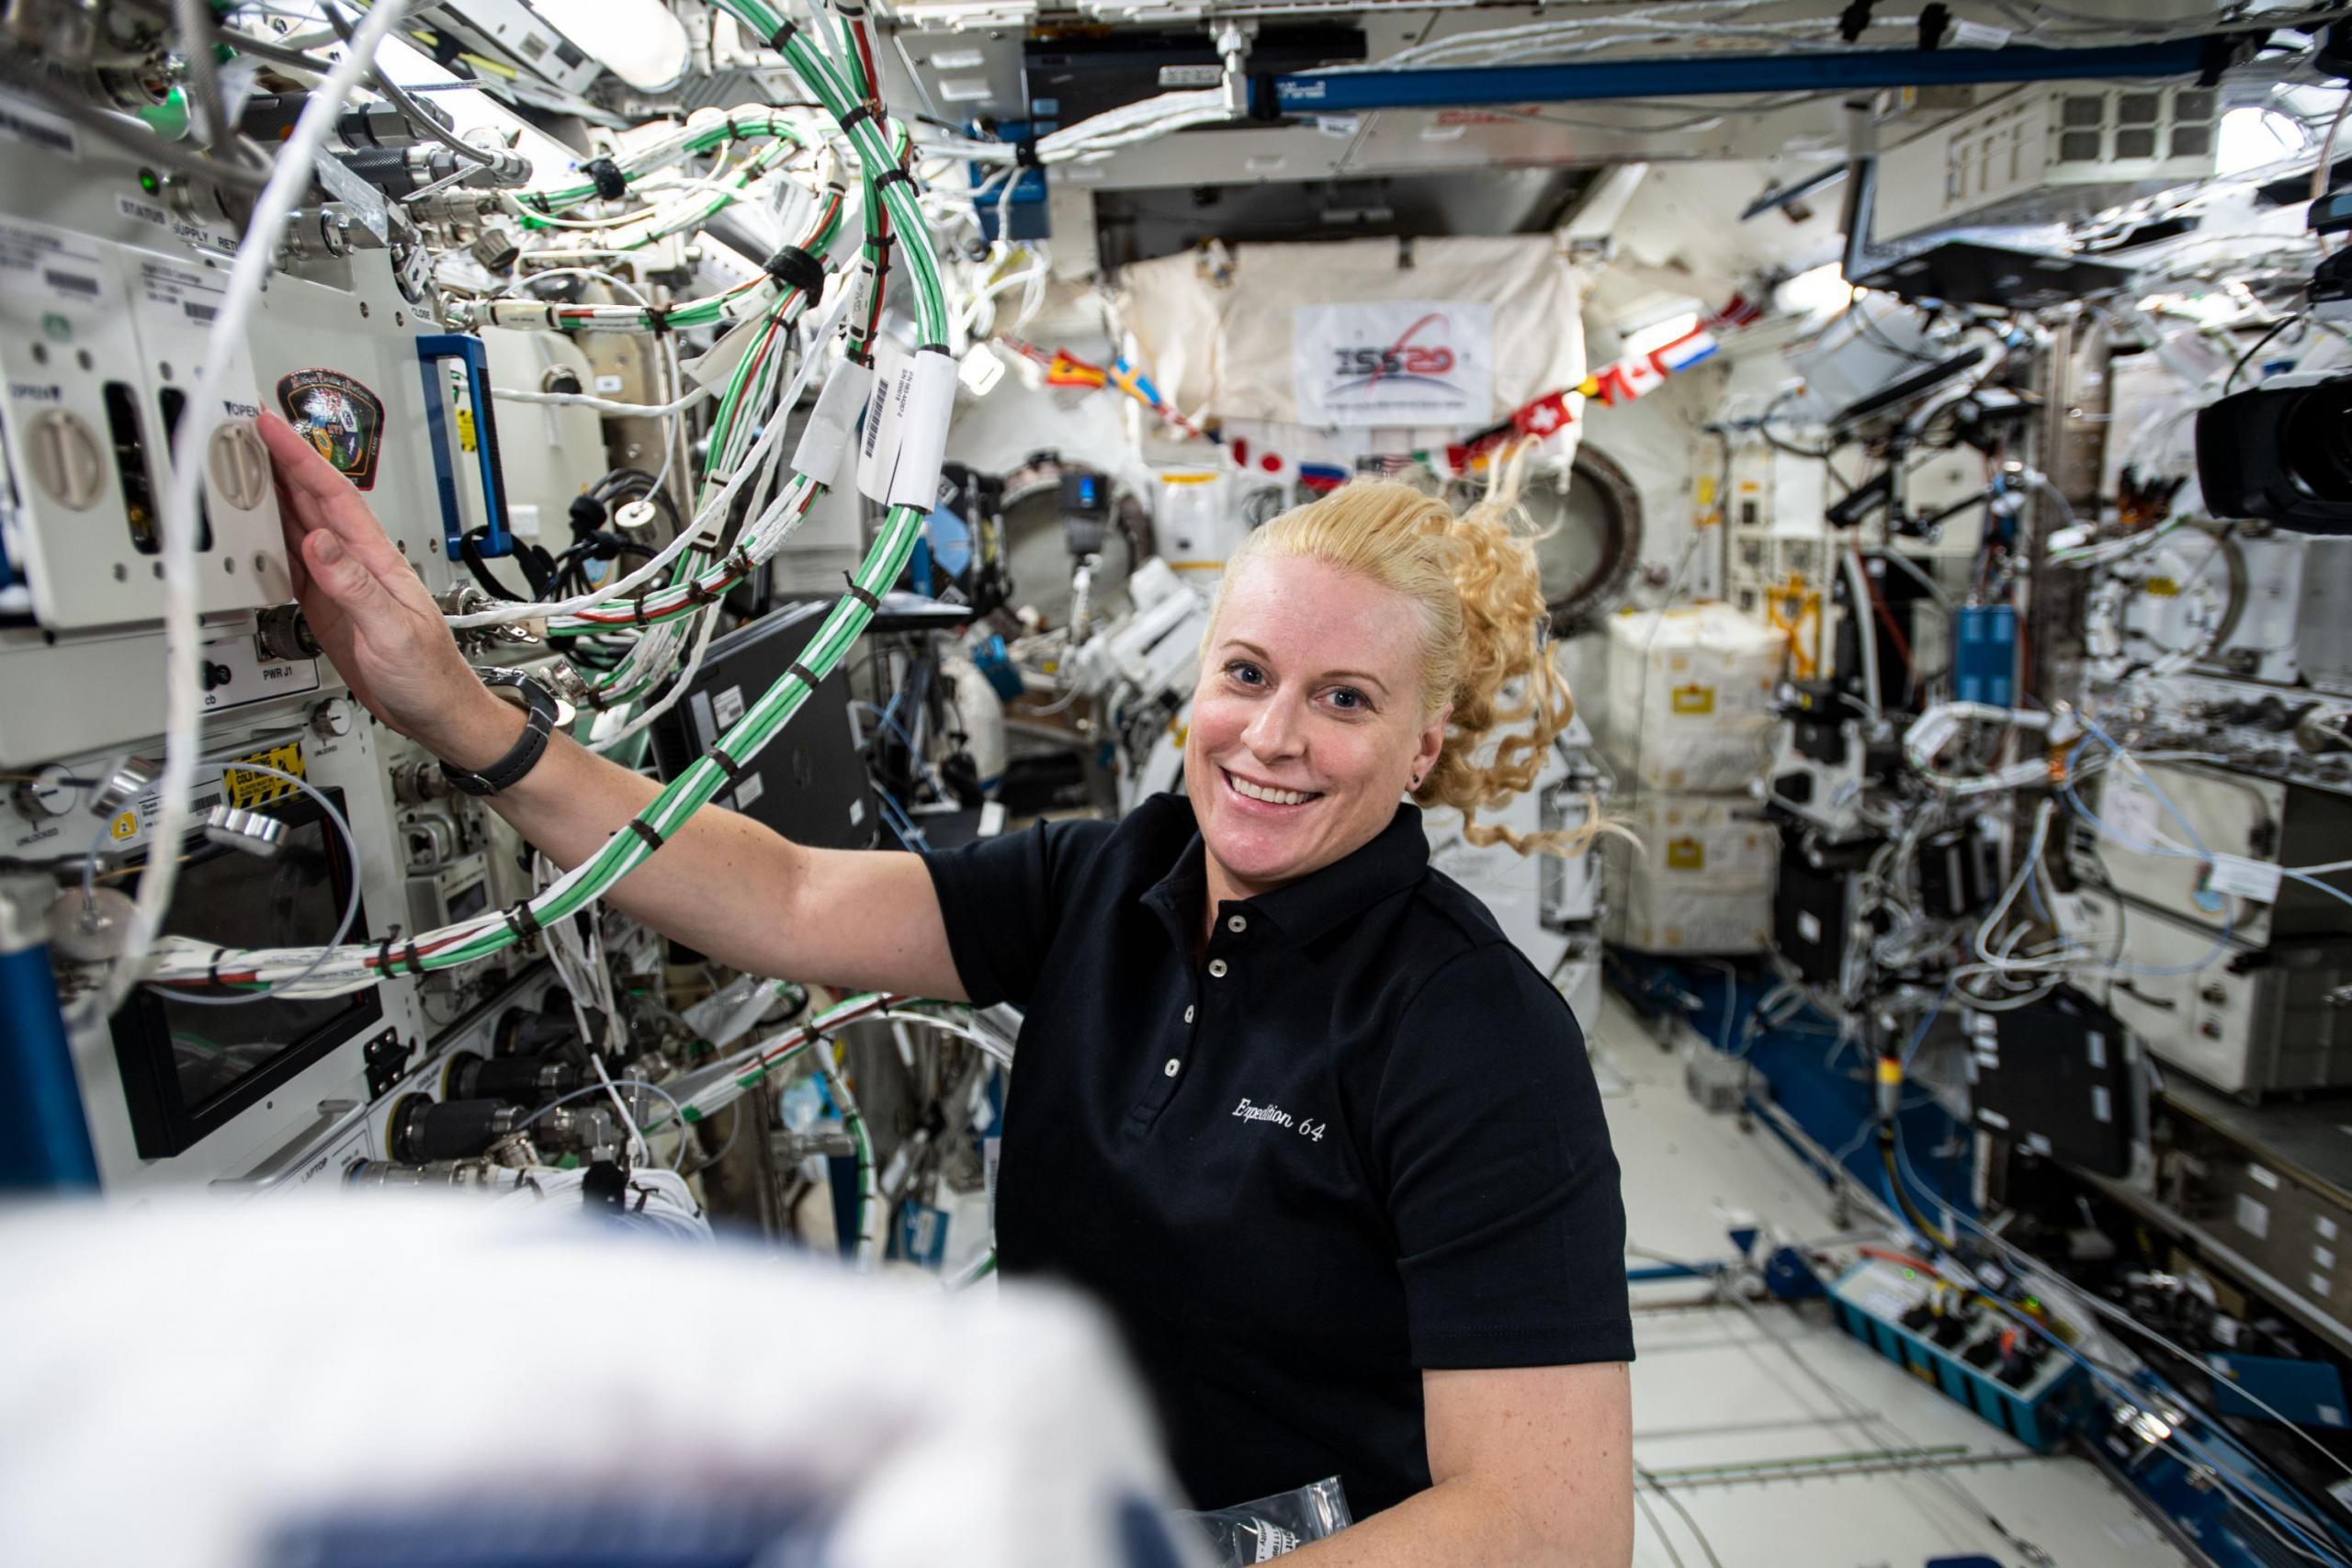 La astronauta Kate Rubins trabajando dentro del módulo JAXA Kibo dentro de la estación espacial